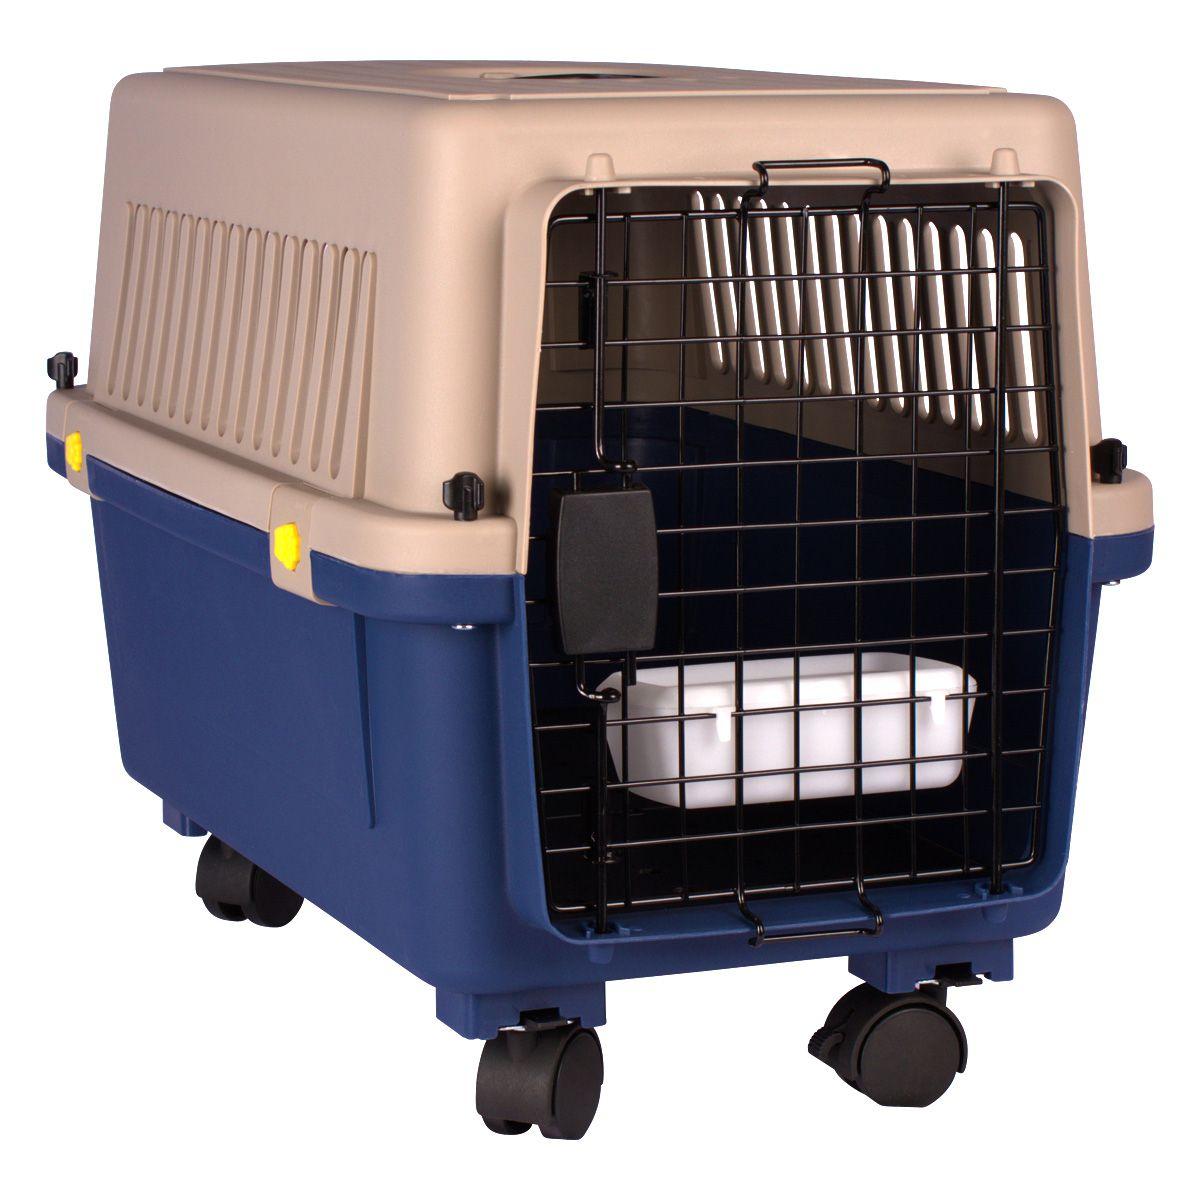 Caixa de Transporte Dog Fly IATA Tamanho 3 N3